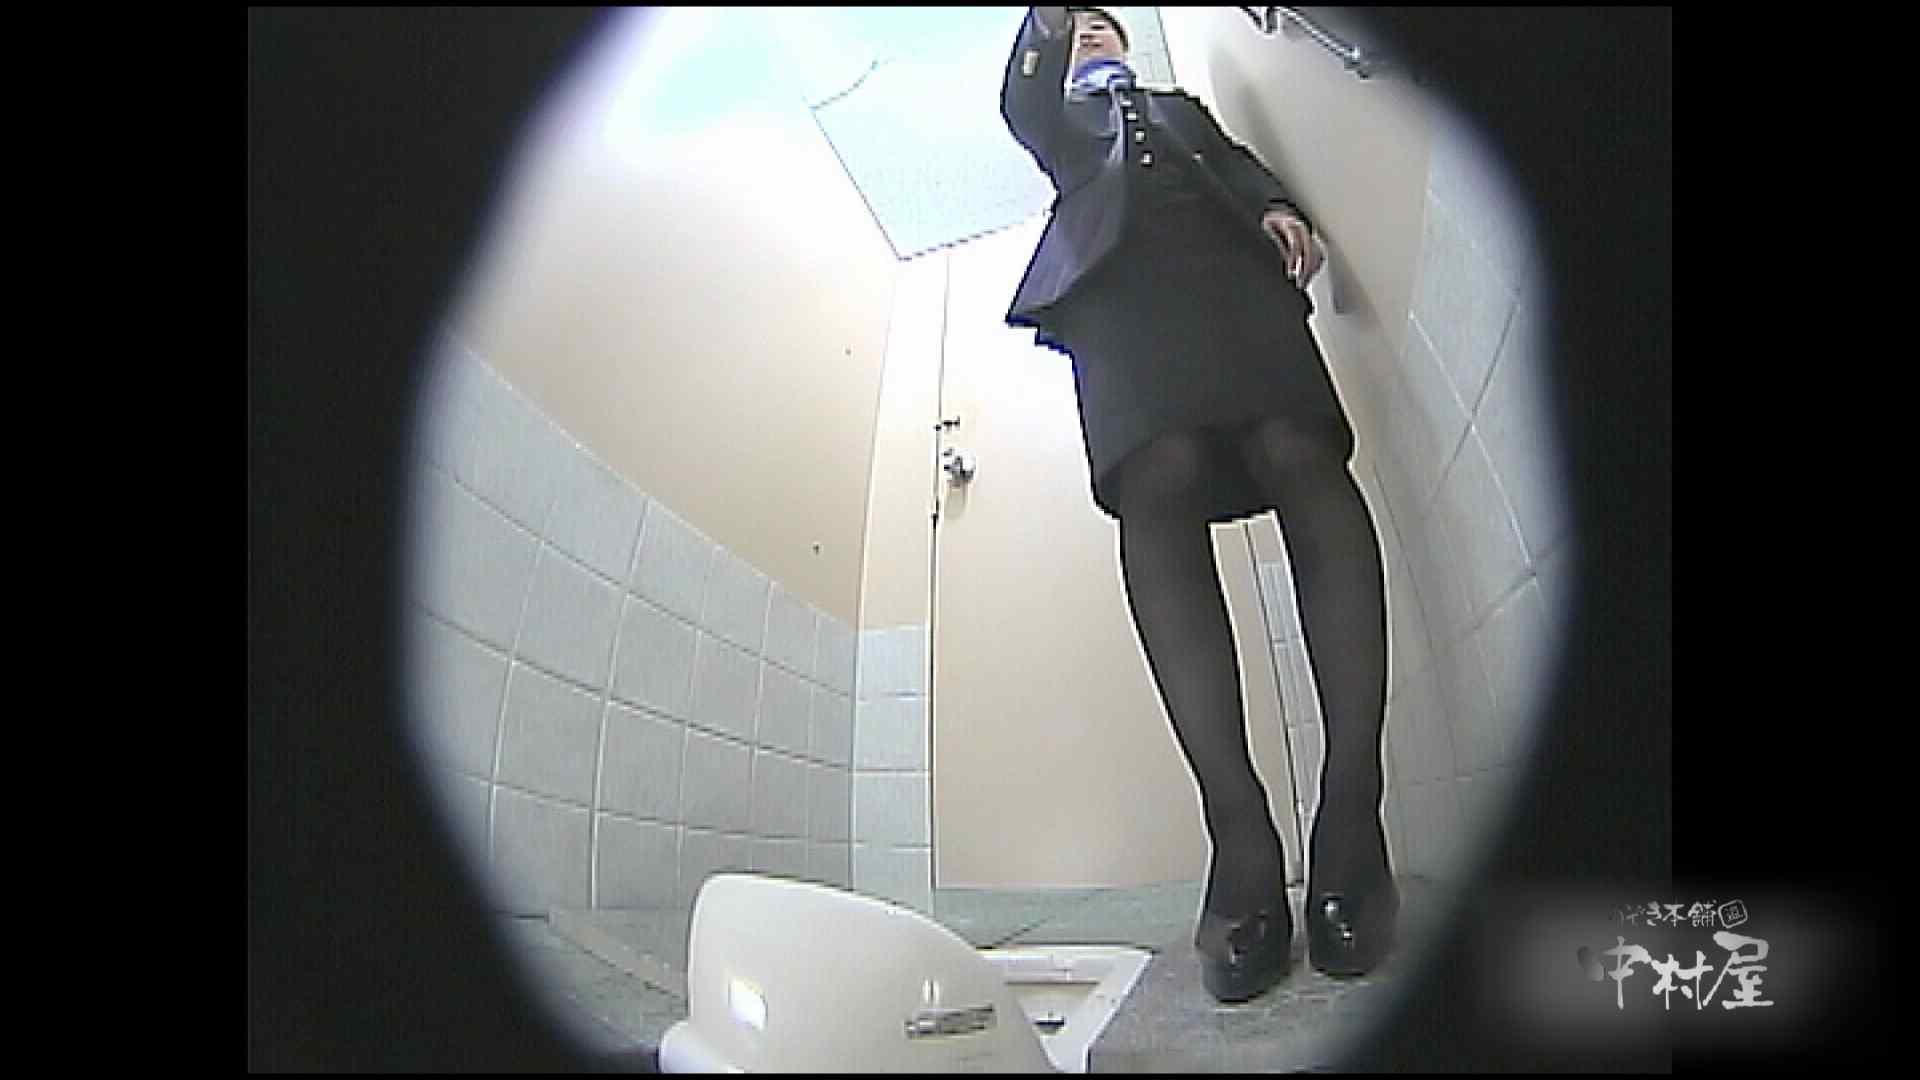 異業種交流会!!キャビンアテンダント編vol.24 下着 セックス画像 111連発 74